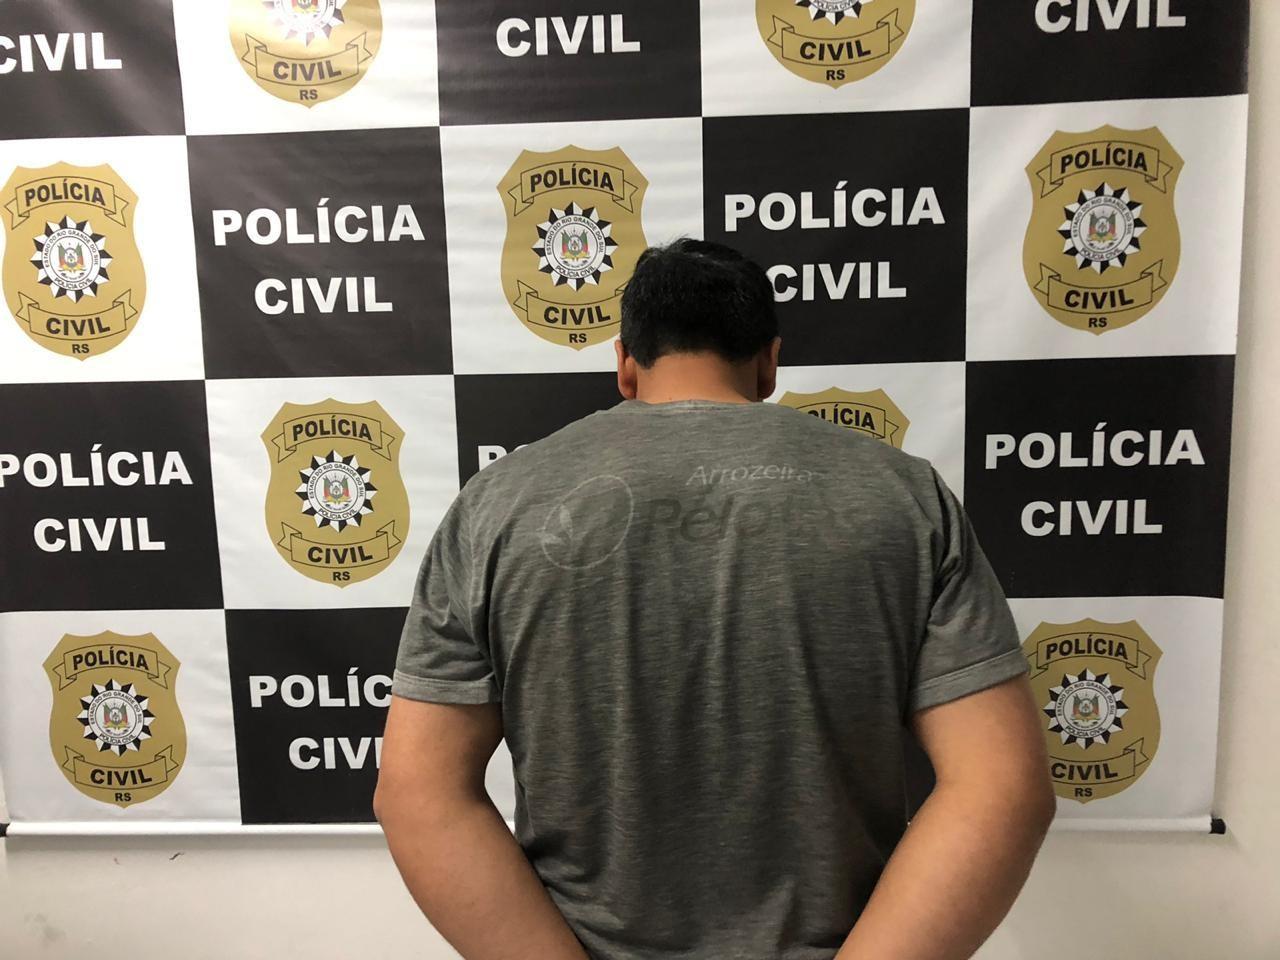 Companheiro de mulher morta no Taim é preso e confessa crime, diz polícia - Notícias - Plantão Diário